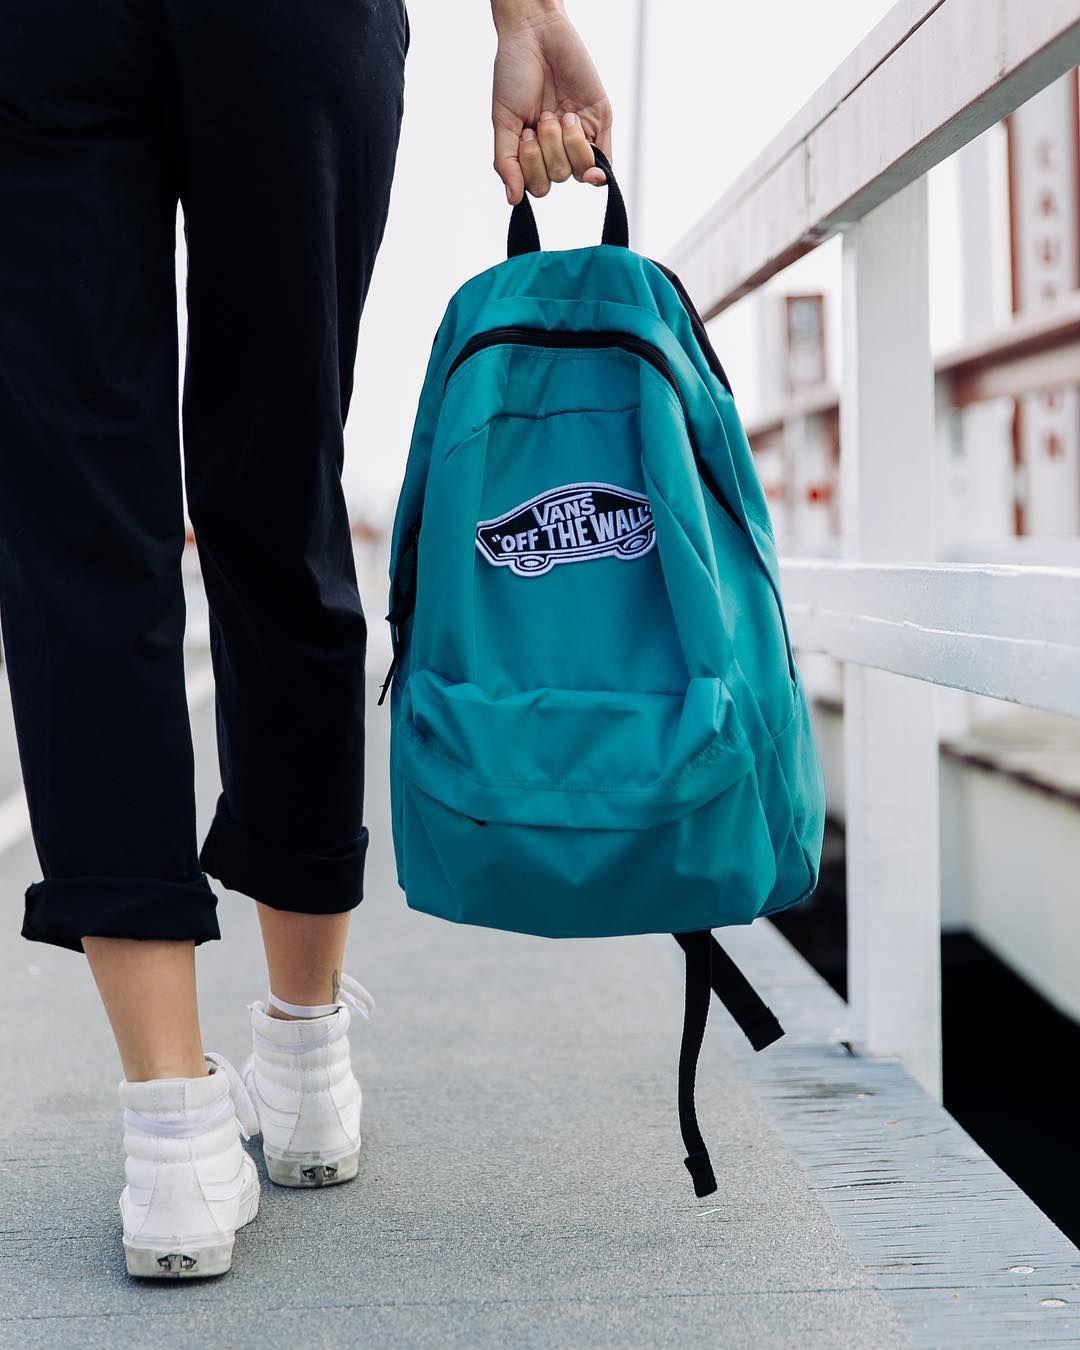 Plecak dla sneakerheada